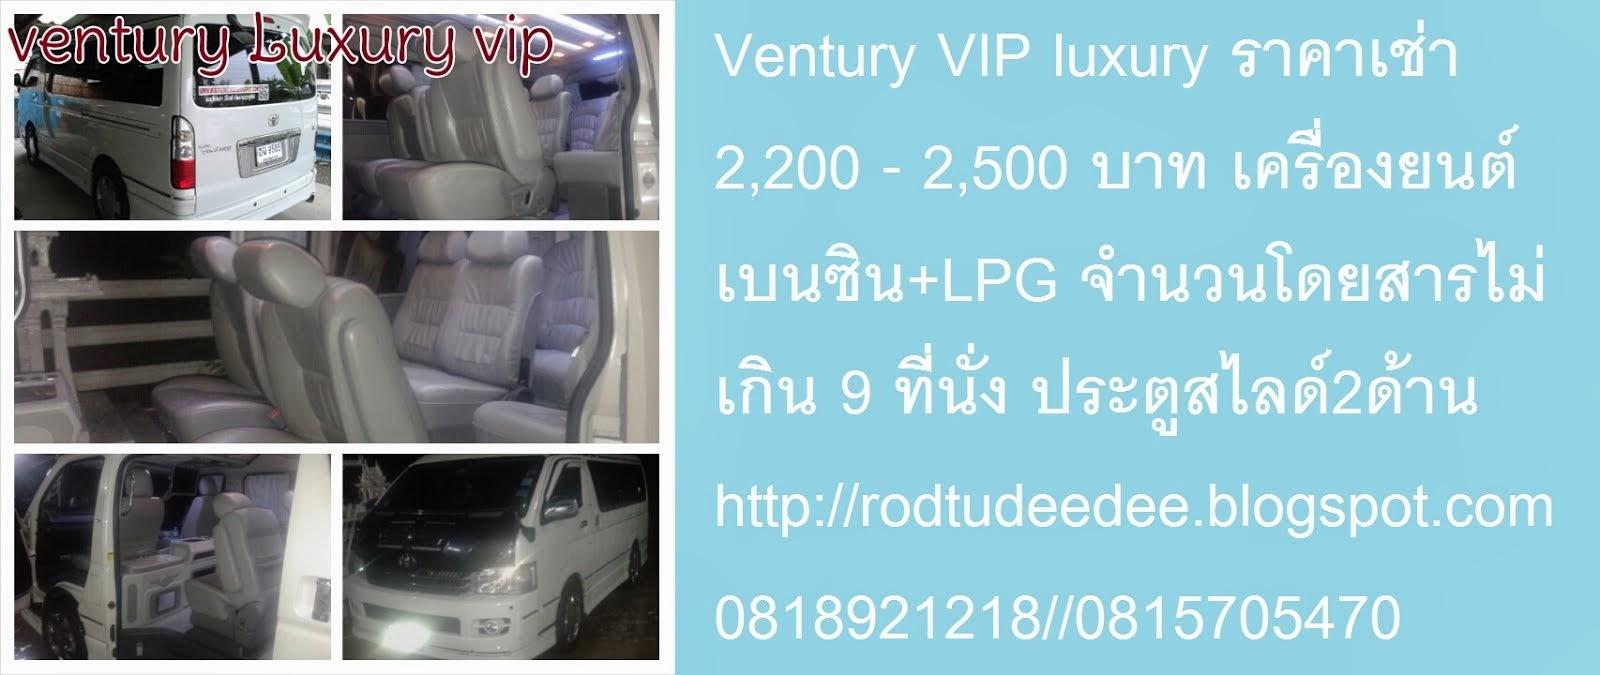 รถตู้โตโยต้า ventury 2.7 vip luxury